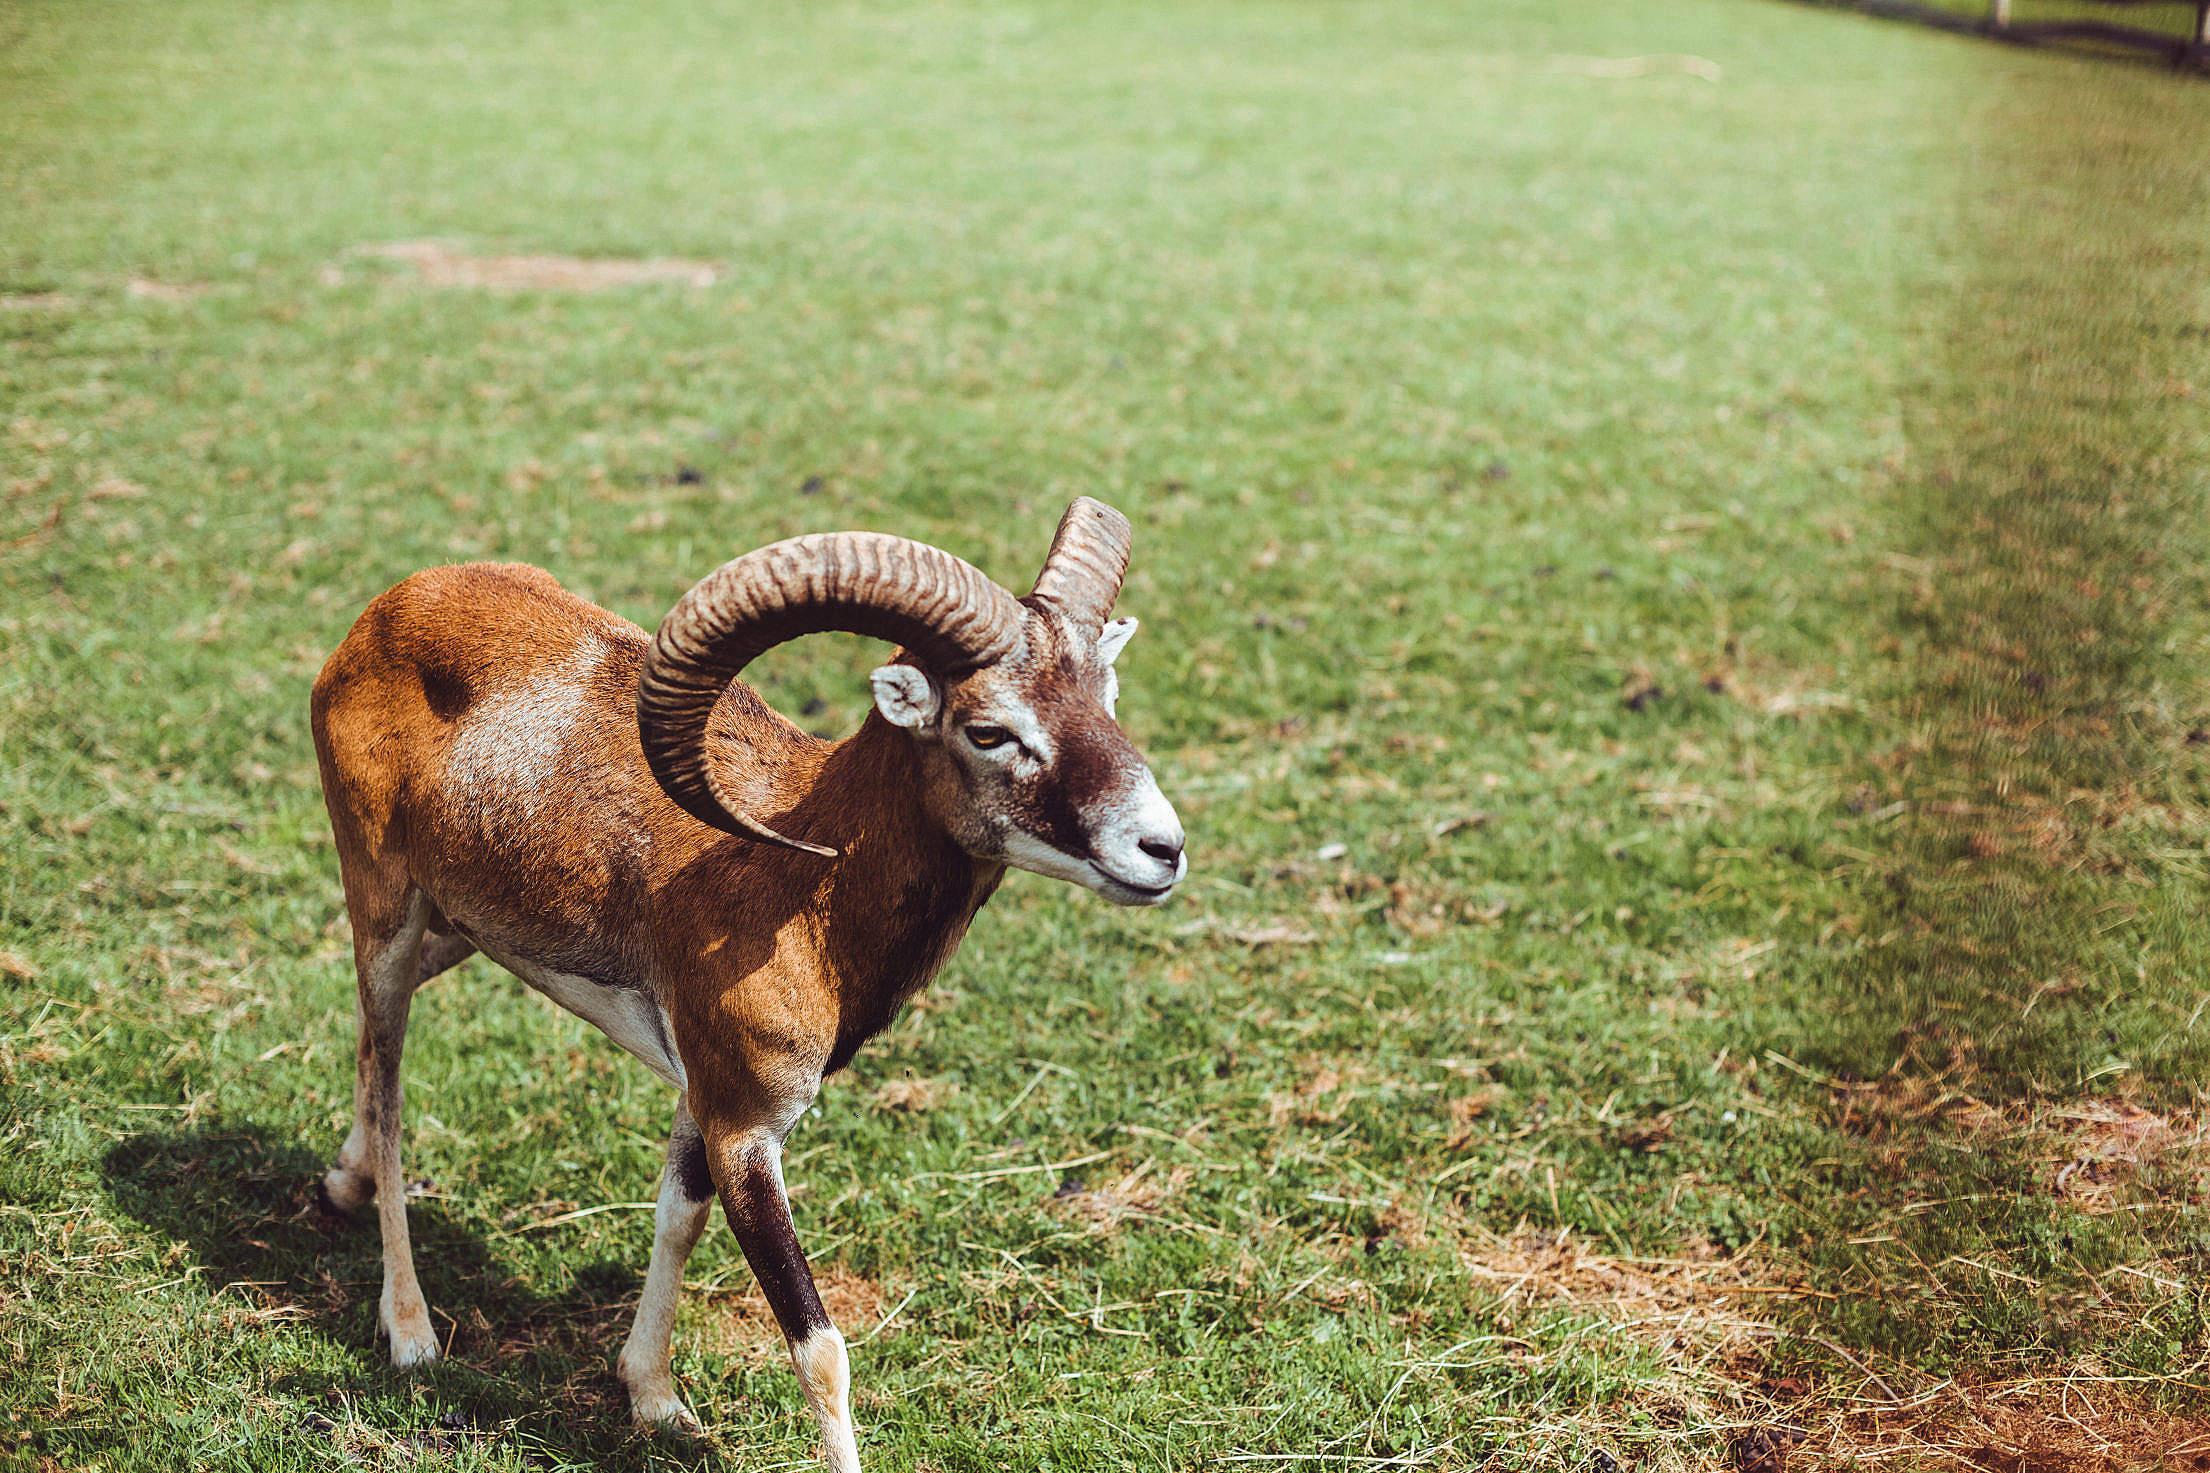 European Mouflon Walking on Green Grass Free Stock Photo